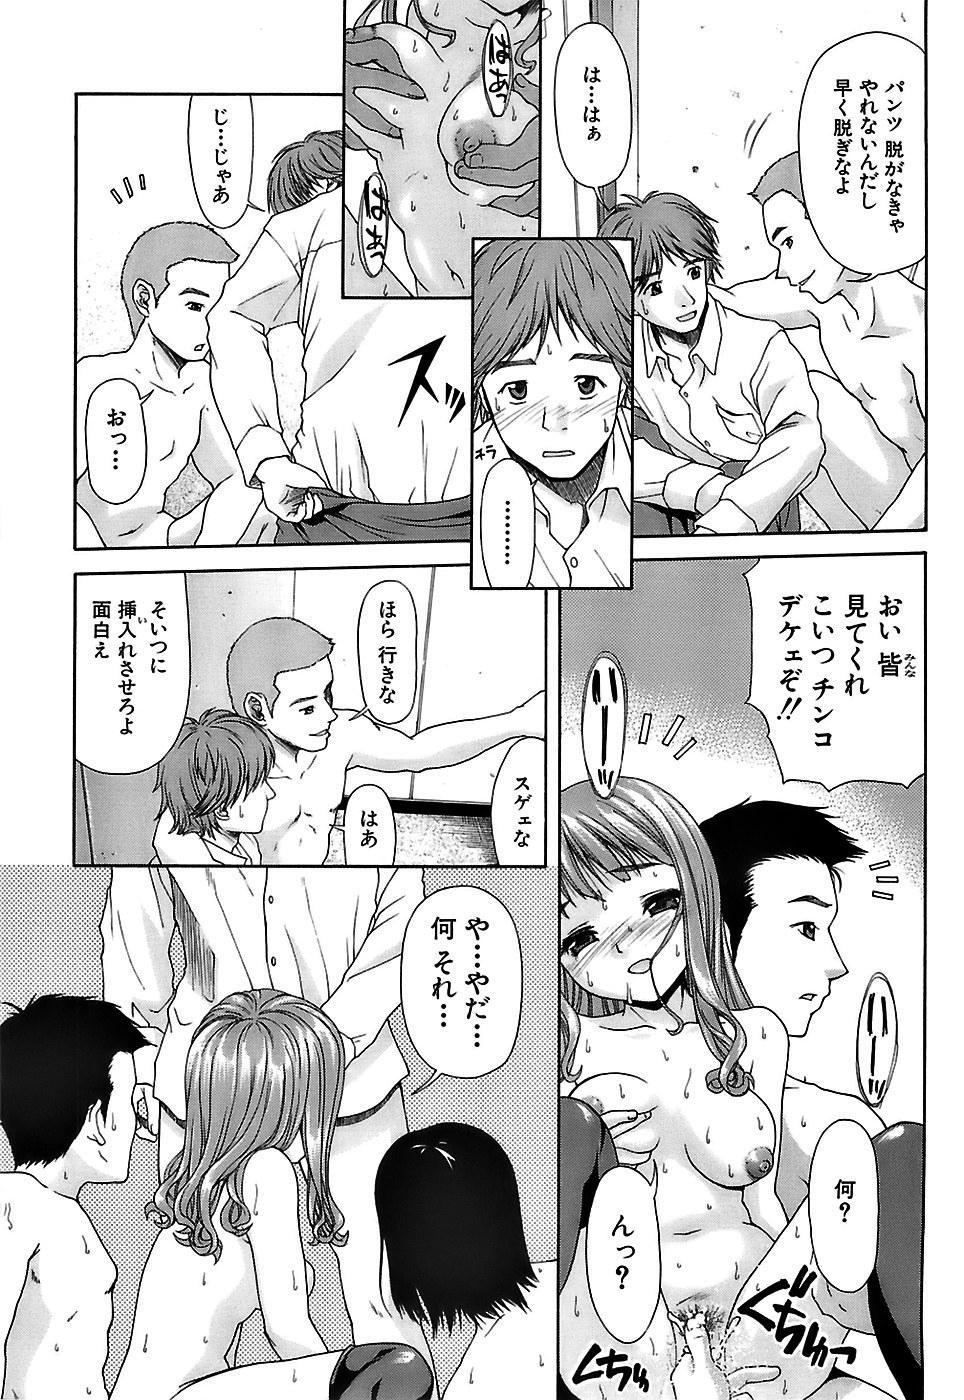 Aiyoku 99